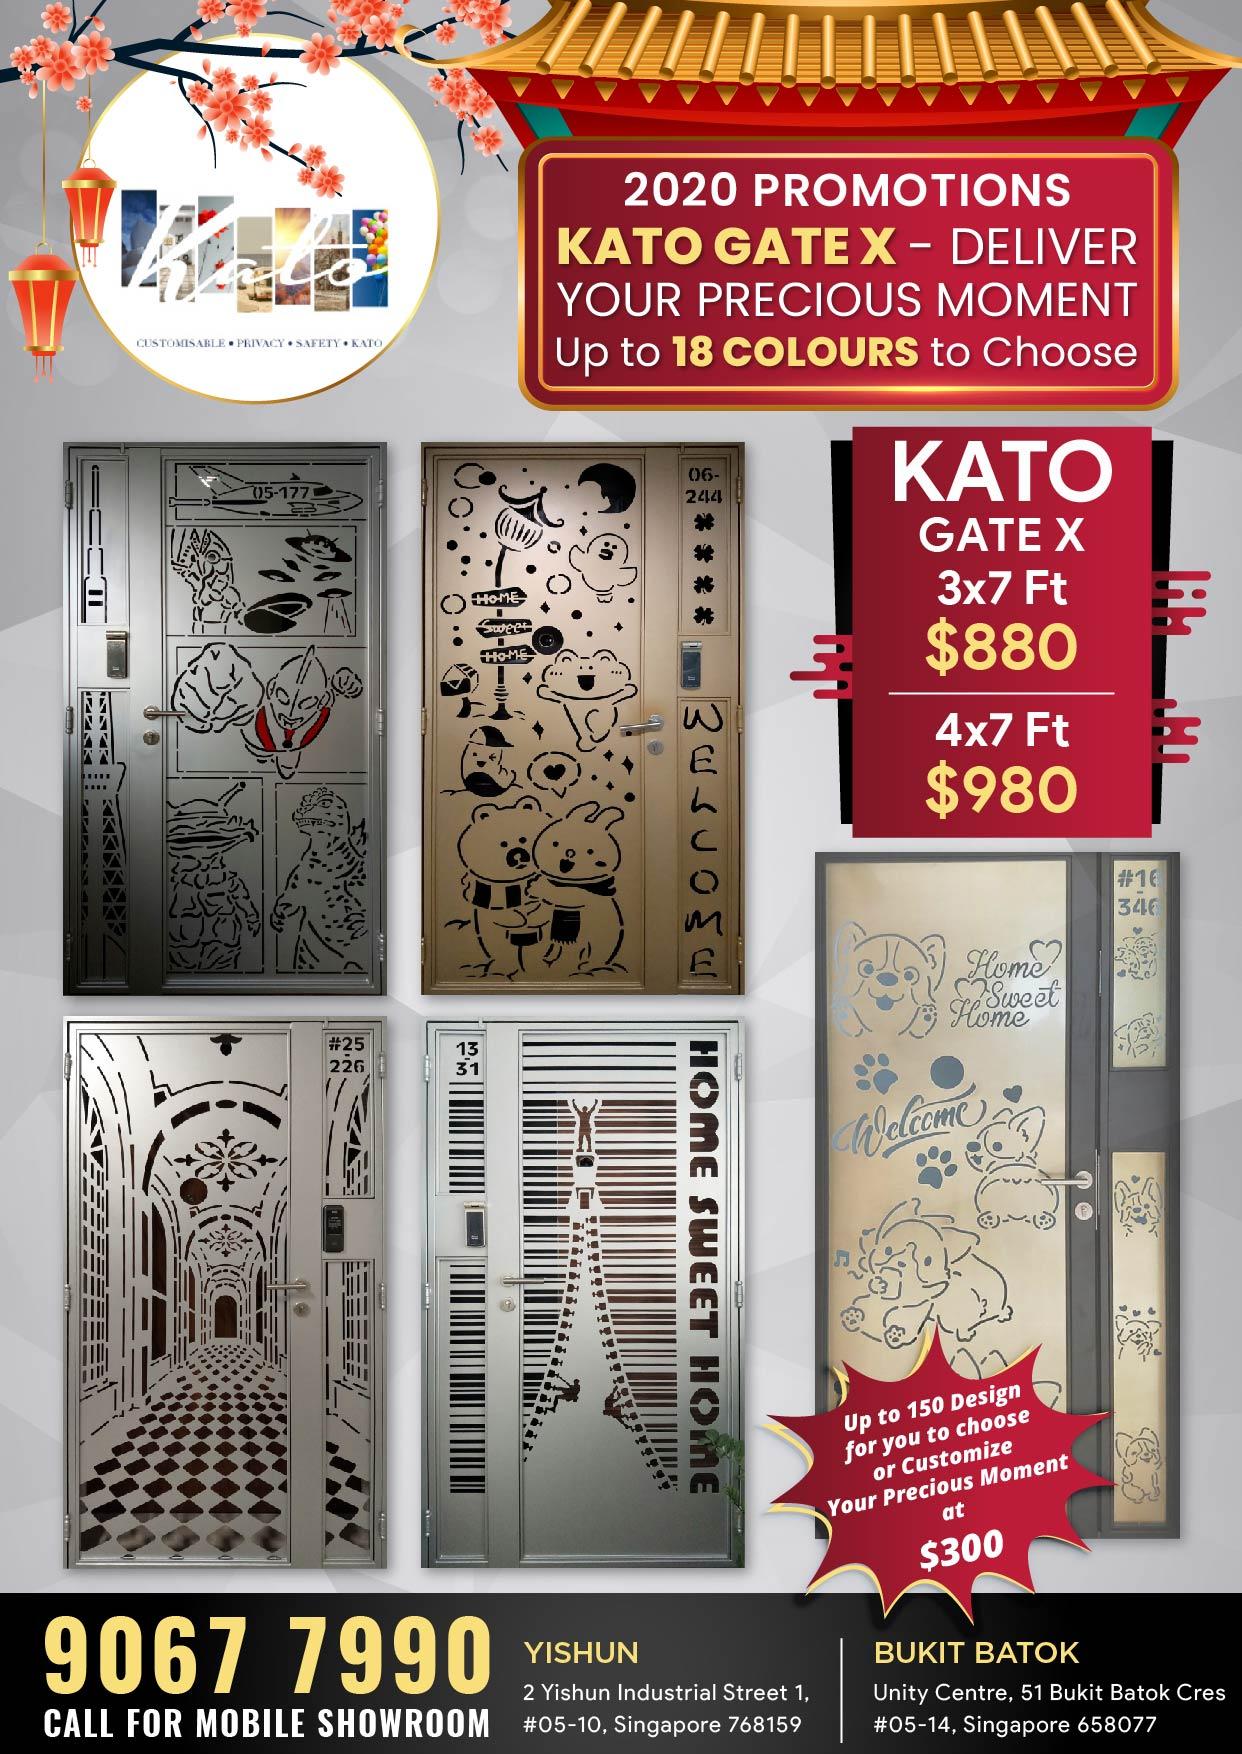 KATO Gate